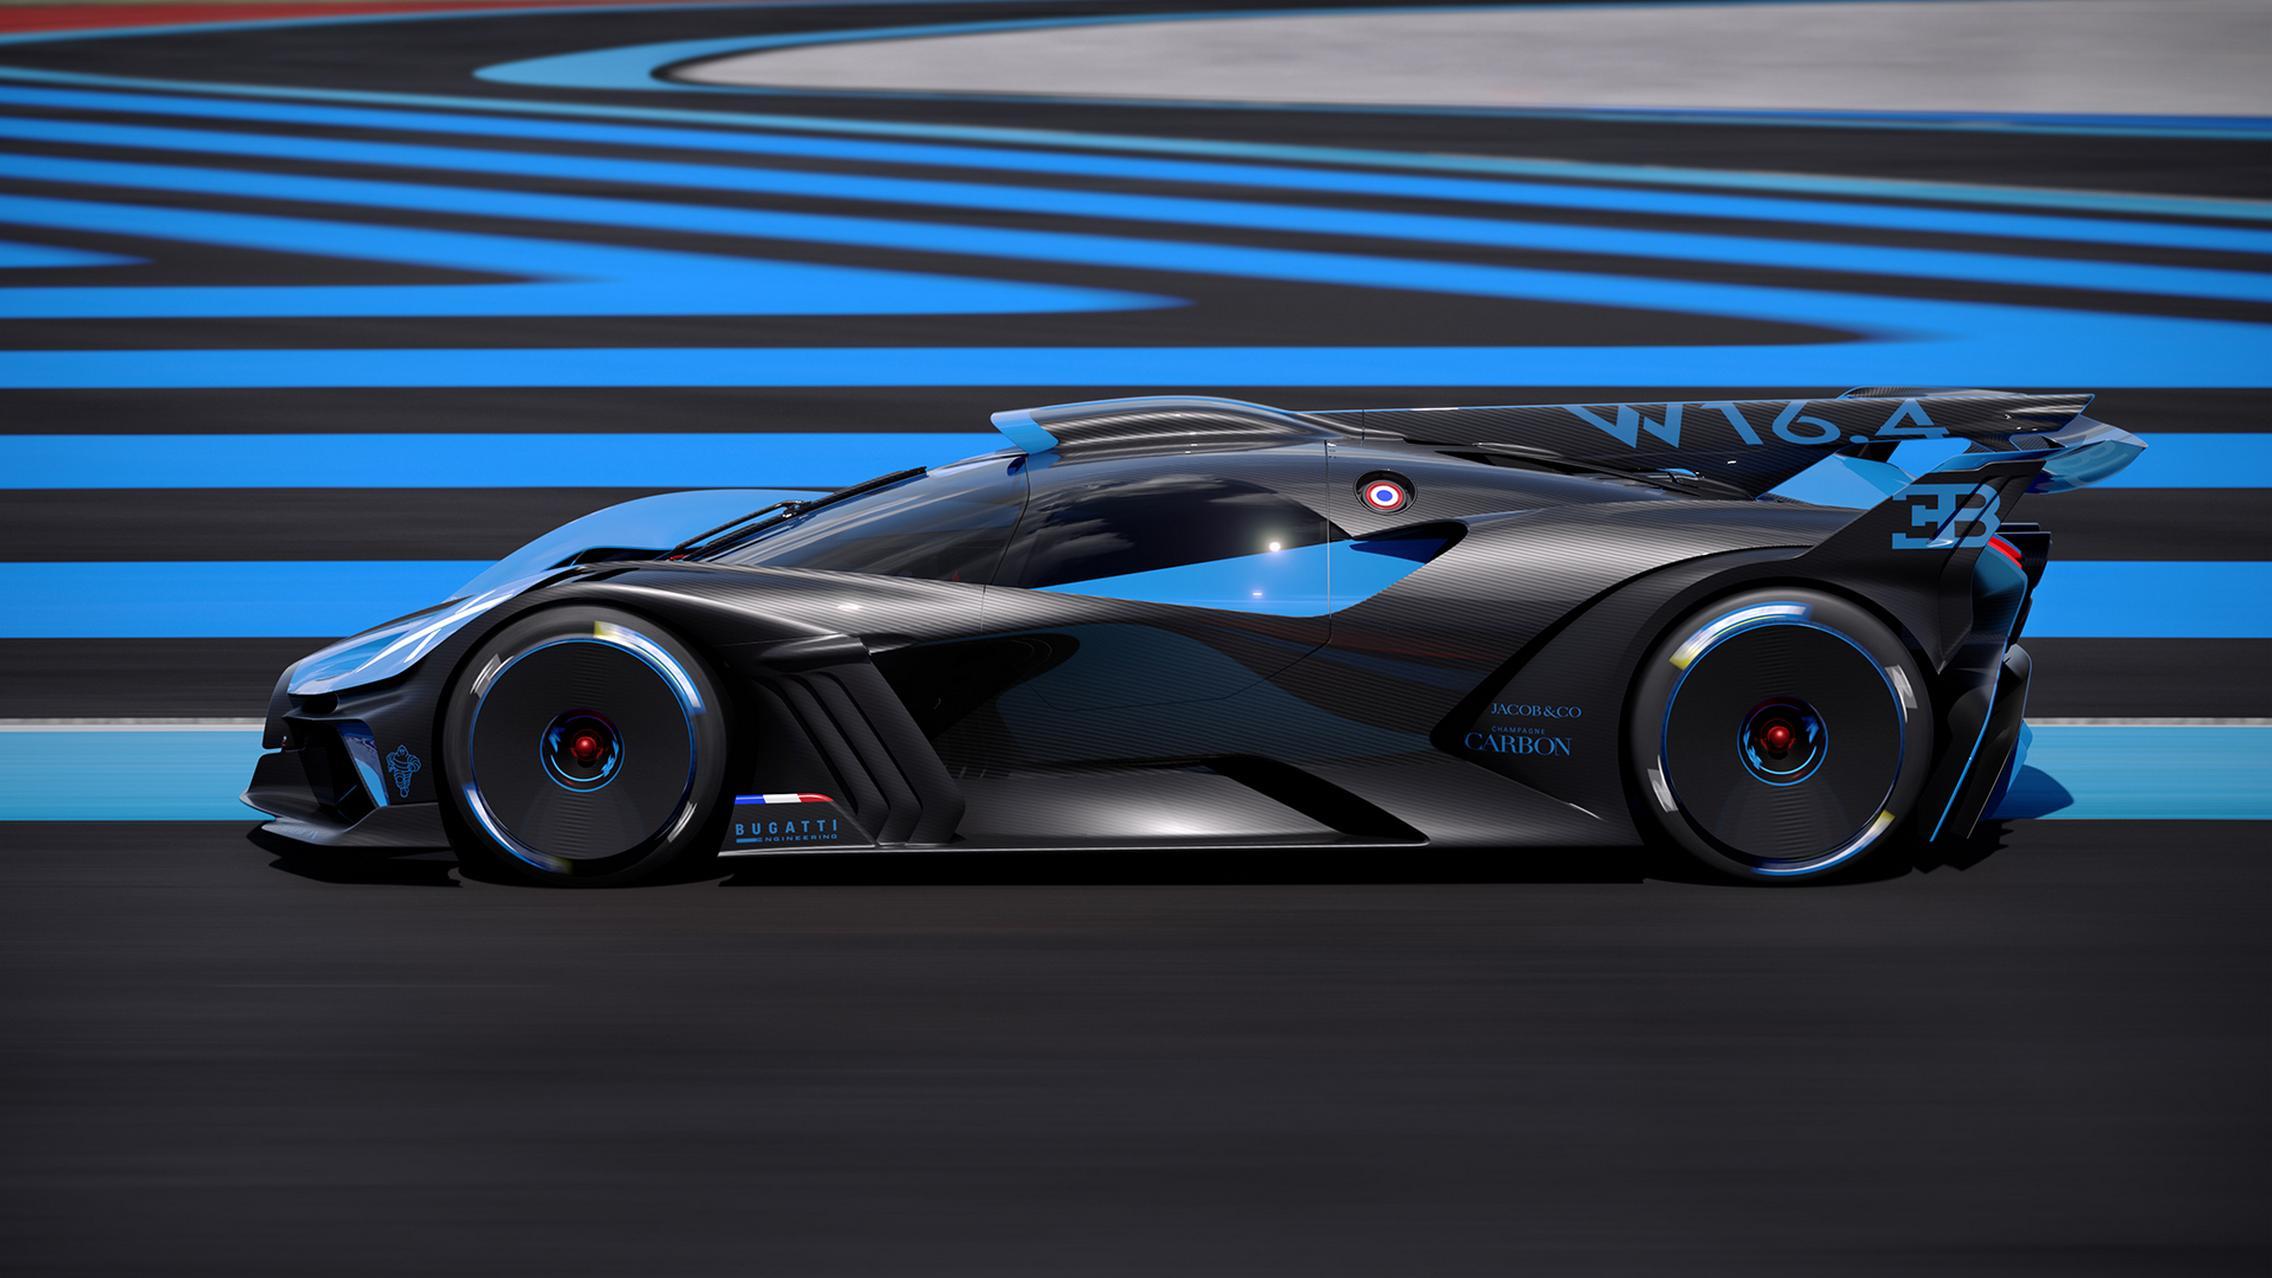 Bugatti Bolide side